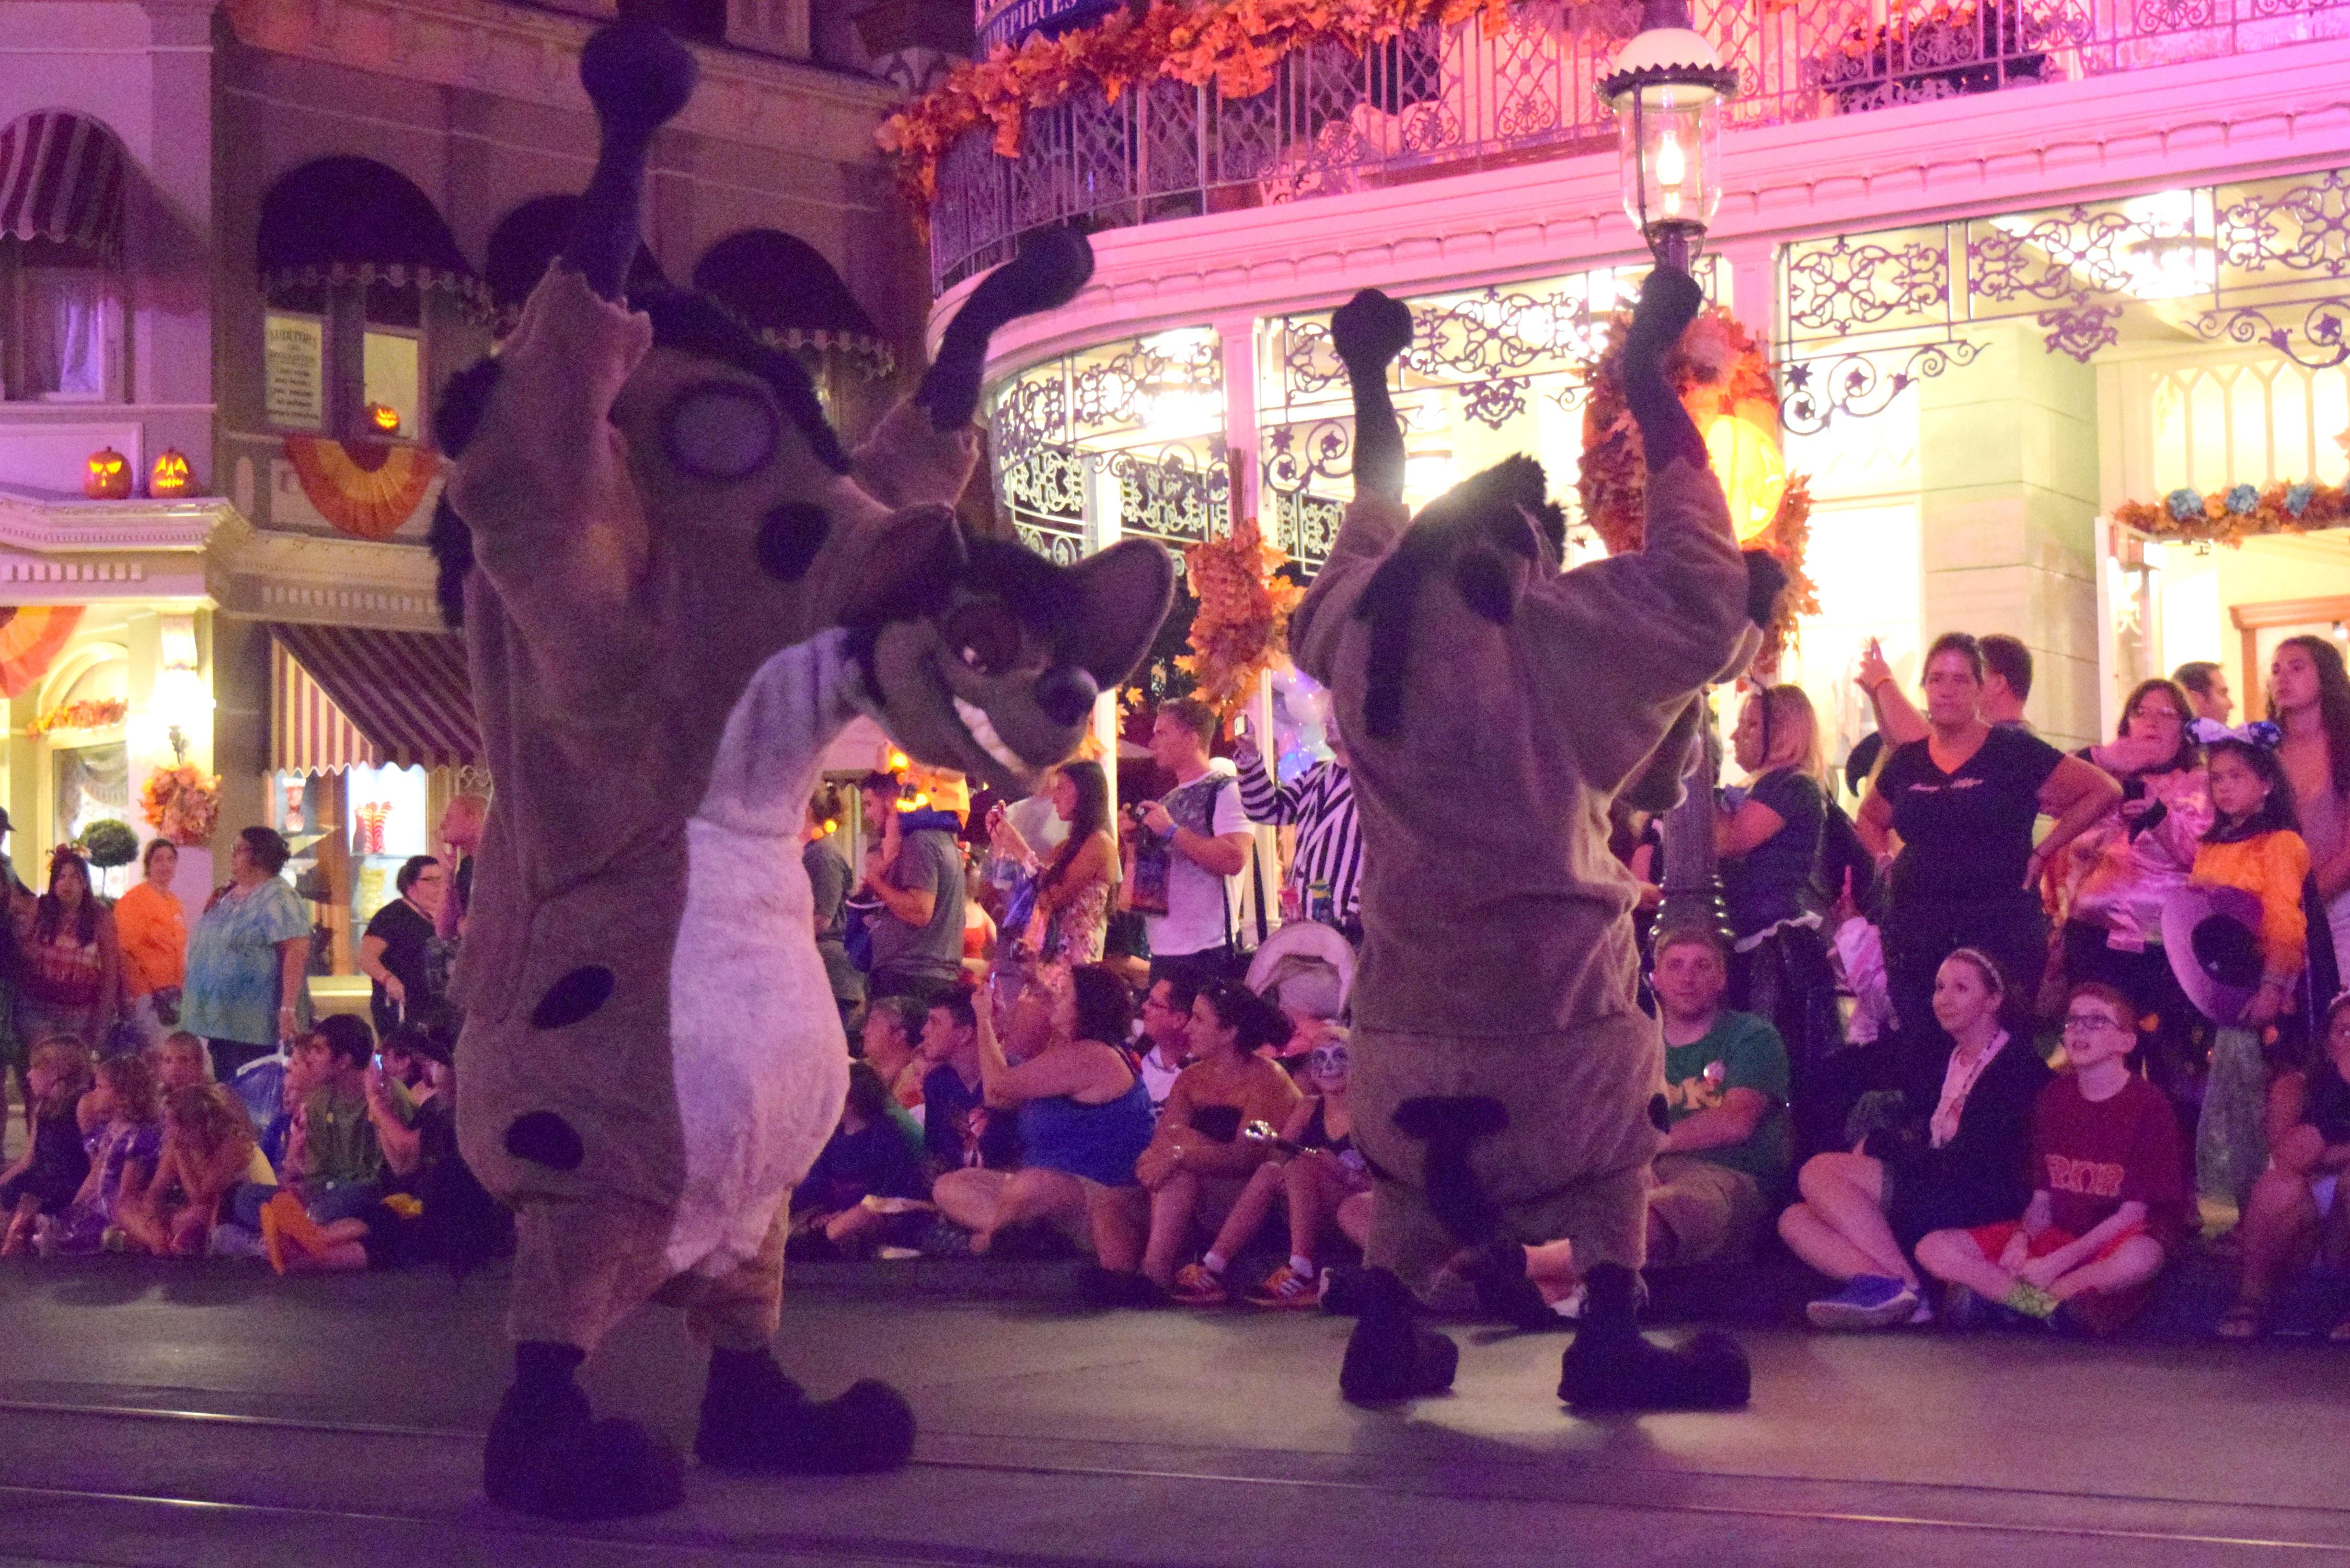 Até as hienas do filme O Rei Leão fazem parte da parada.